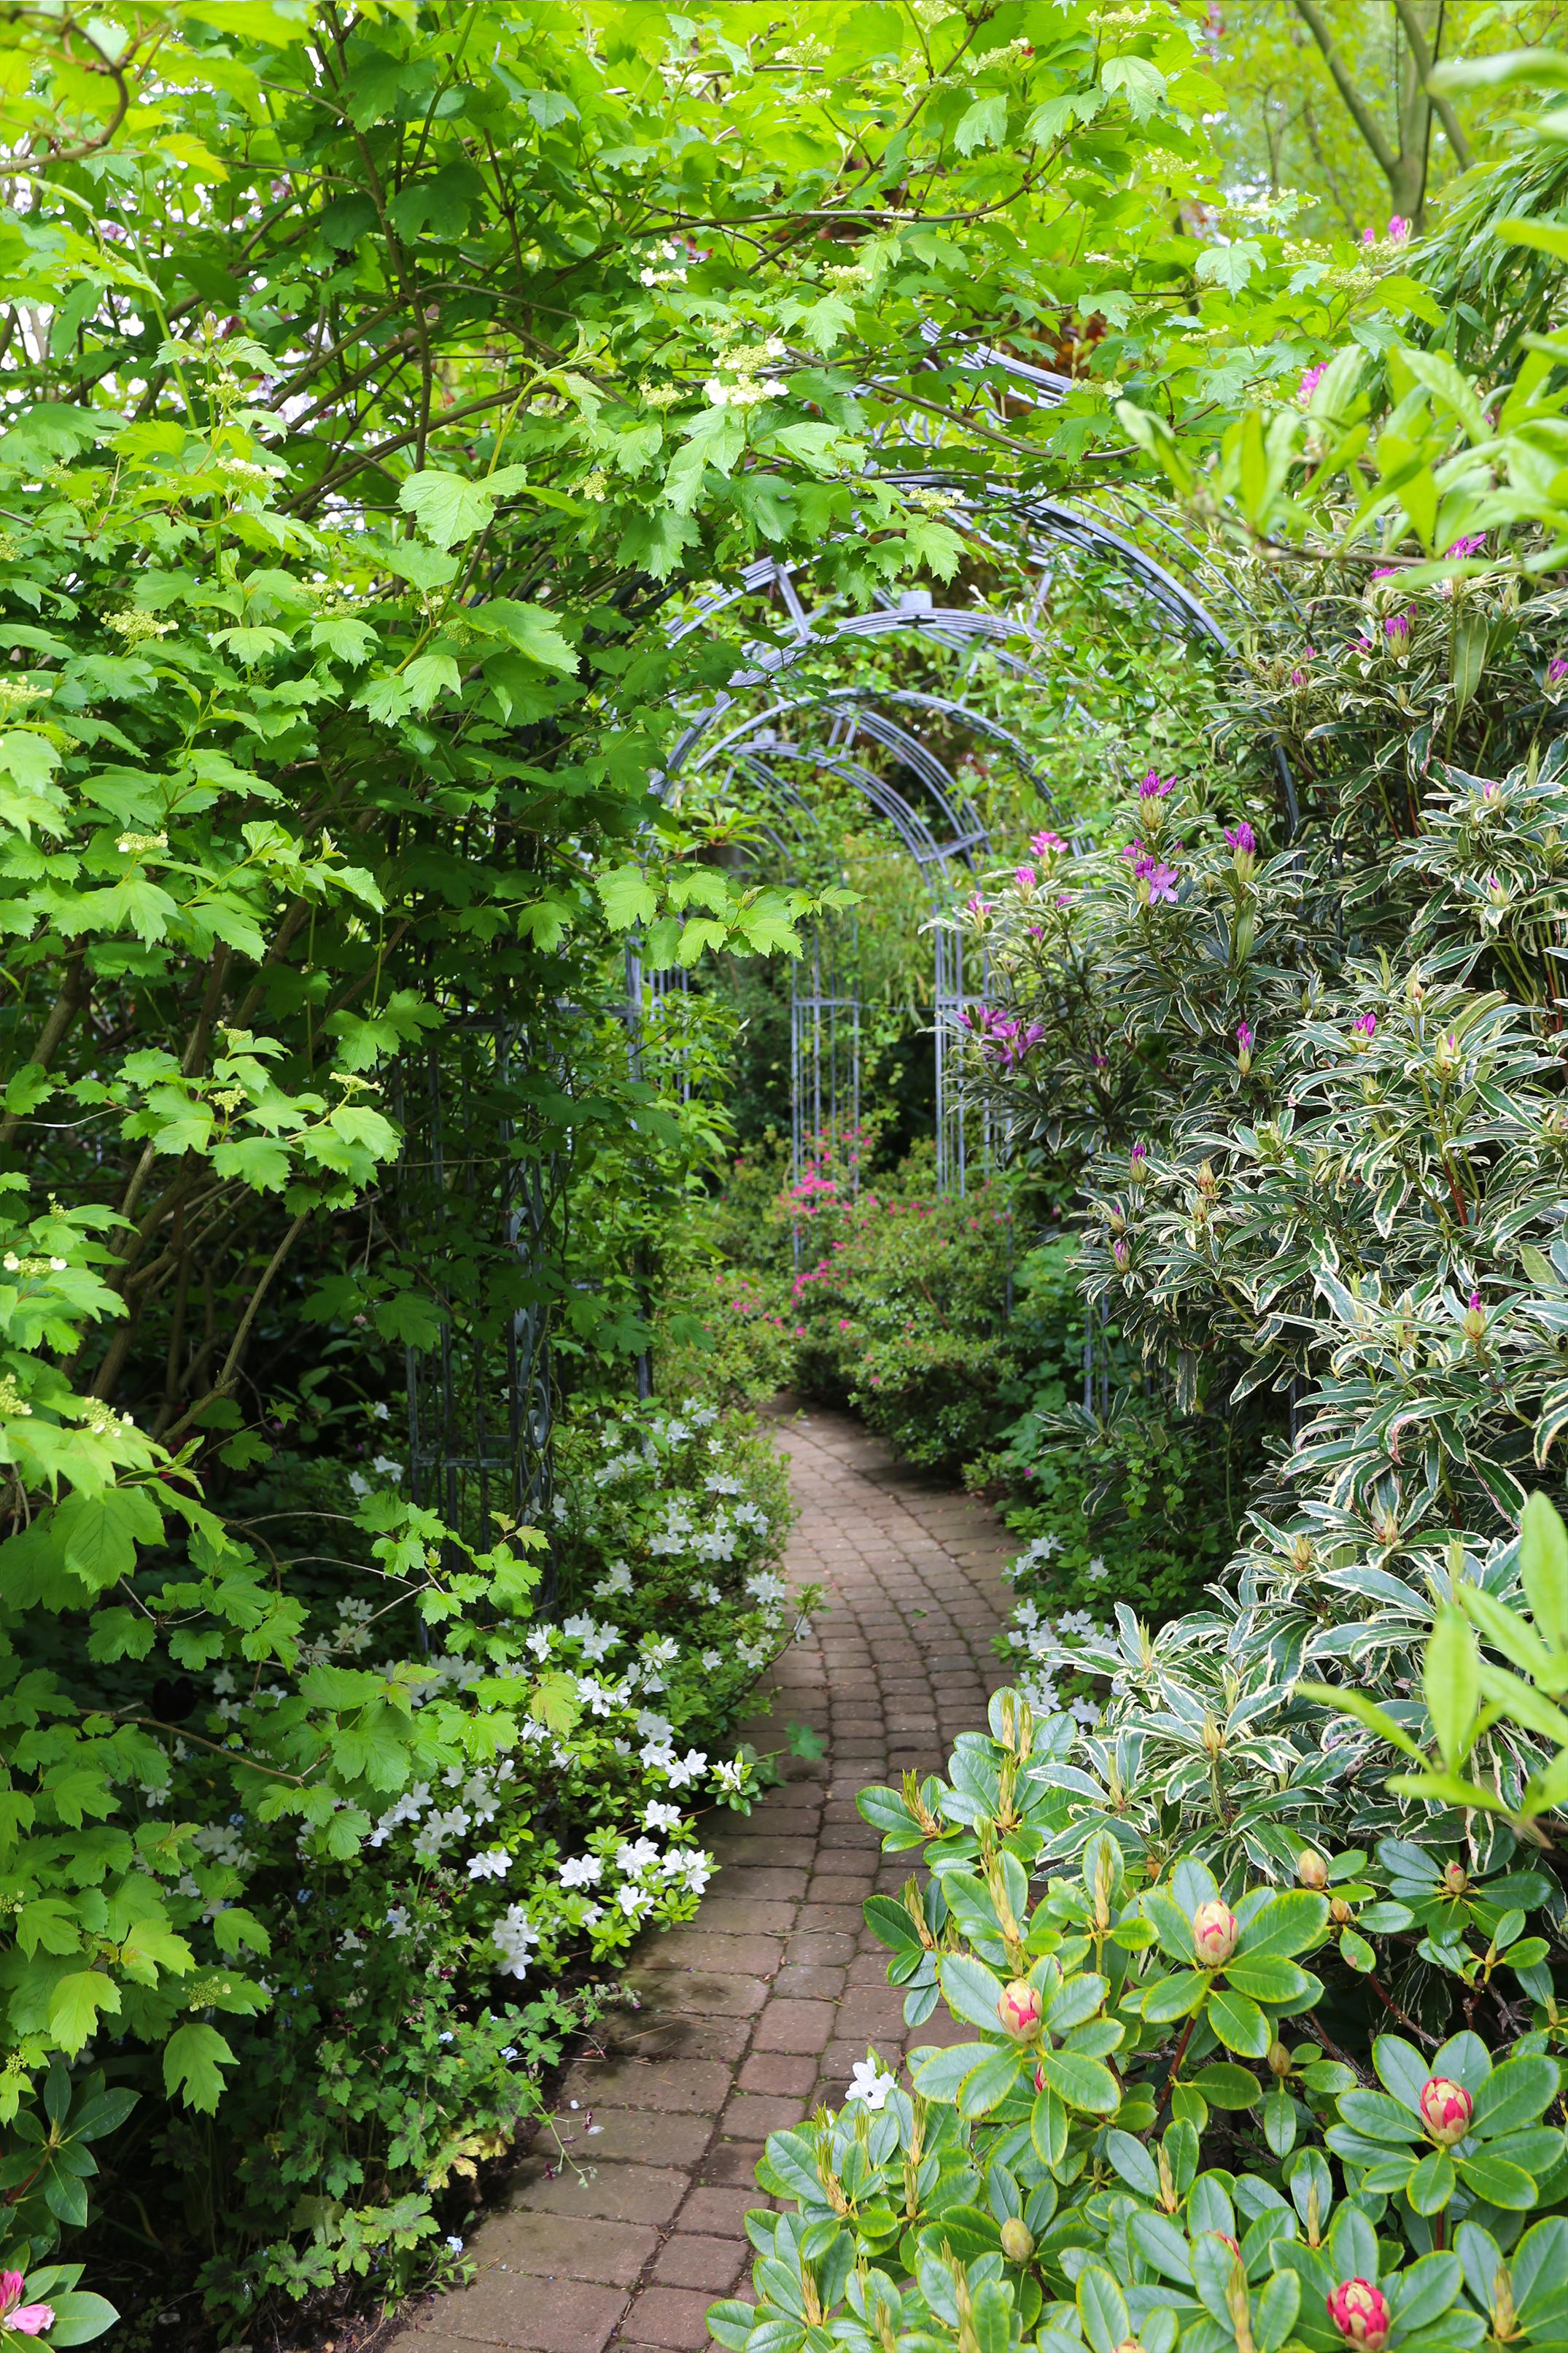 garden_walkway_archway.png